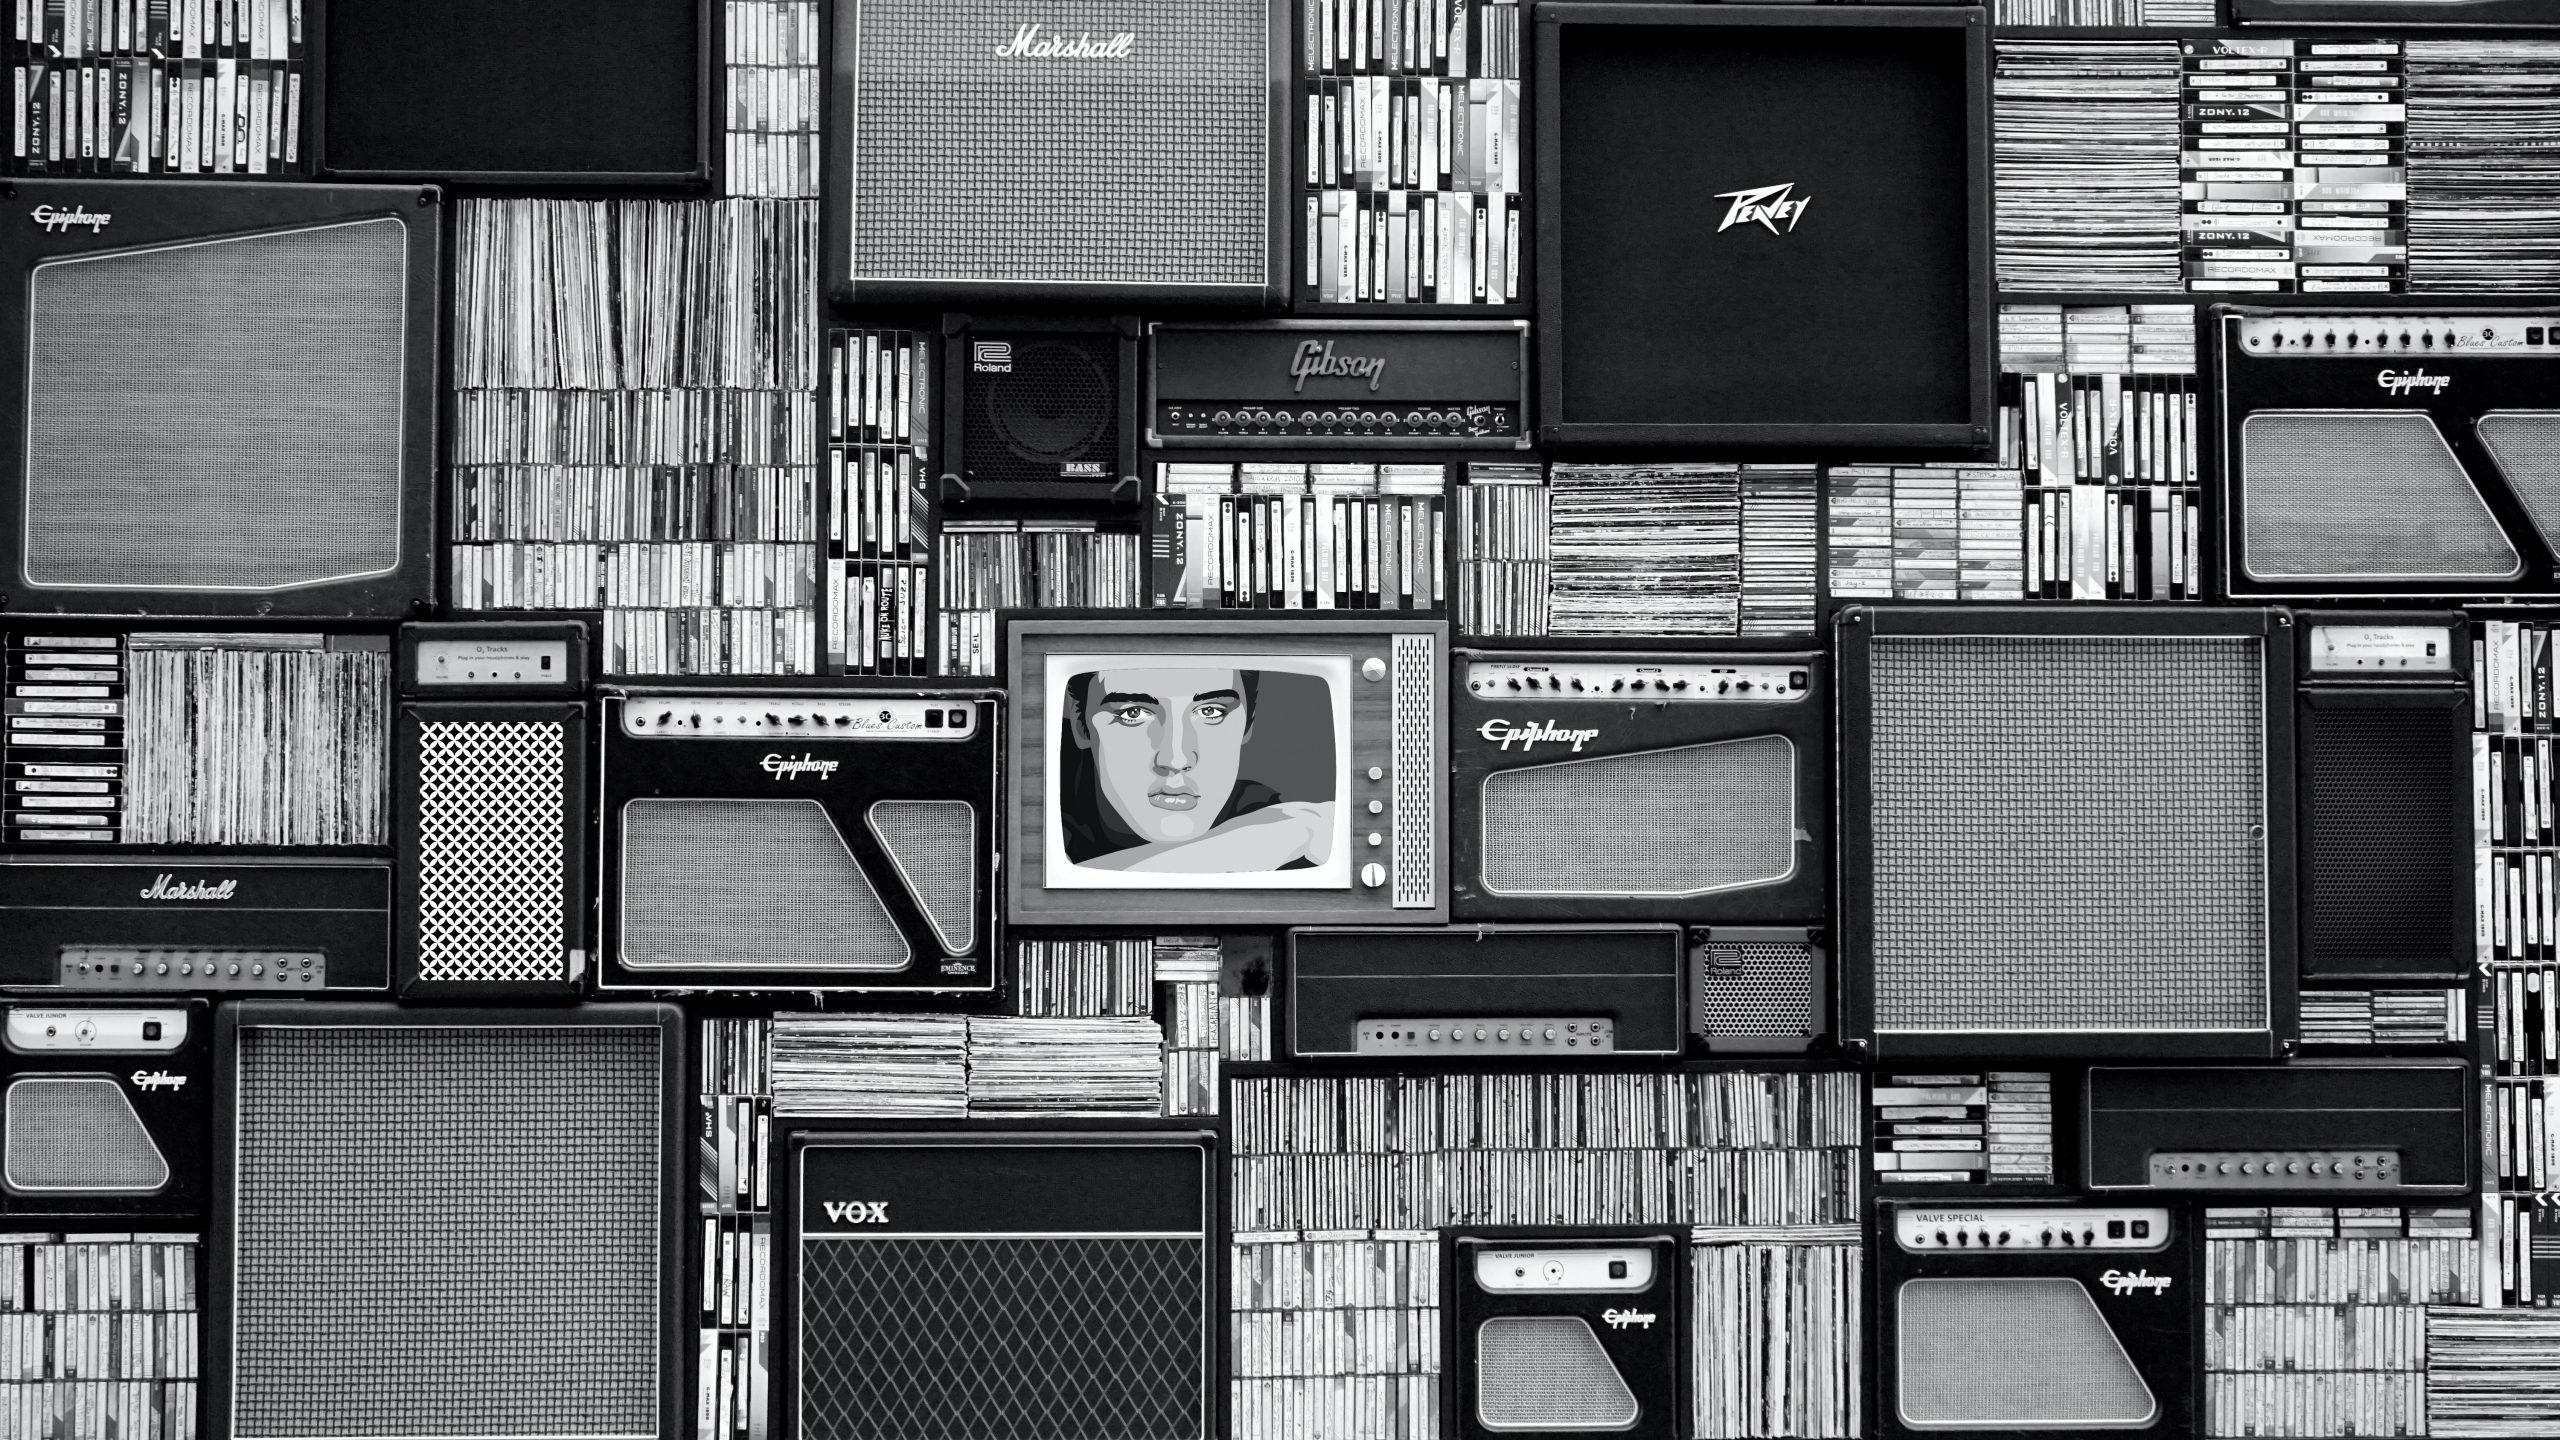 audioteca y videoteca